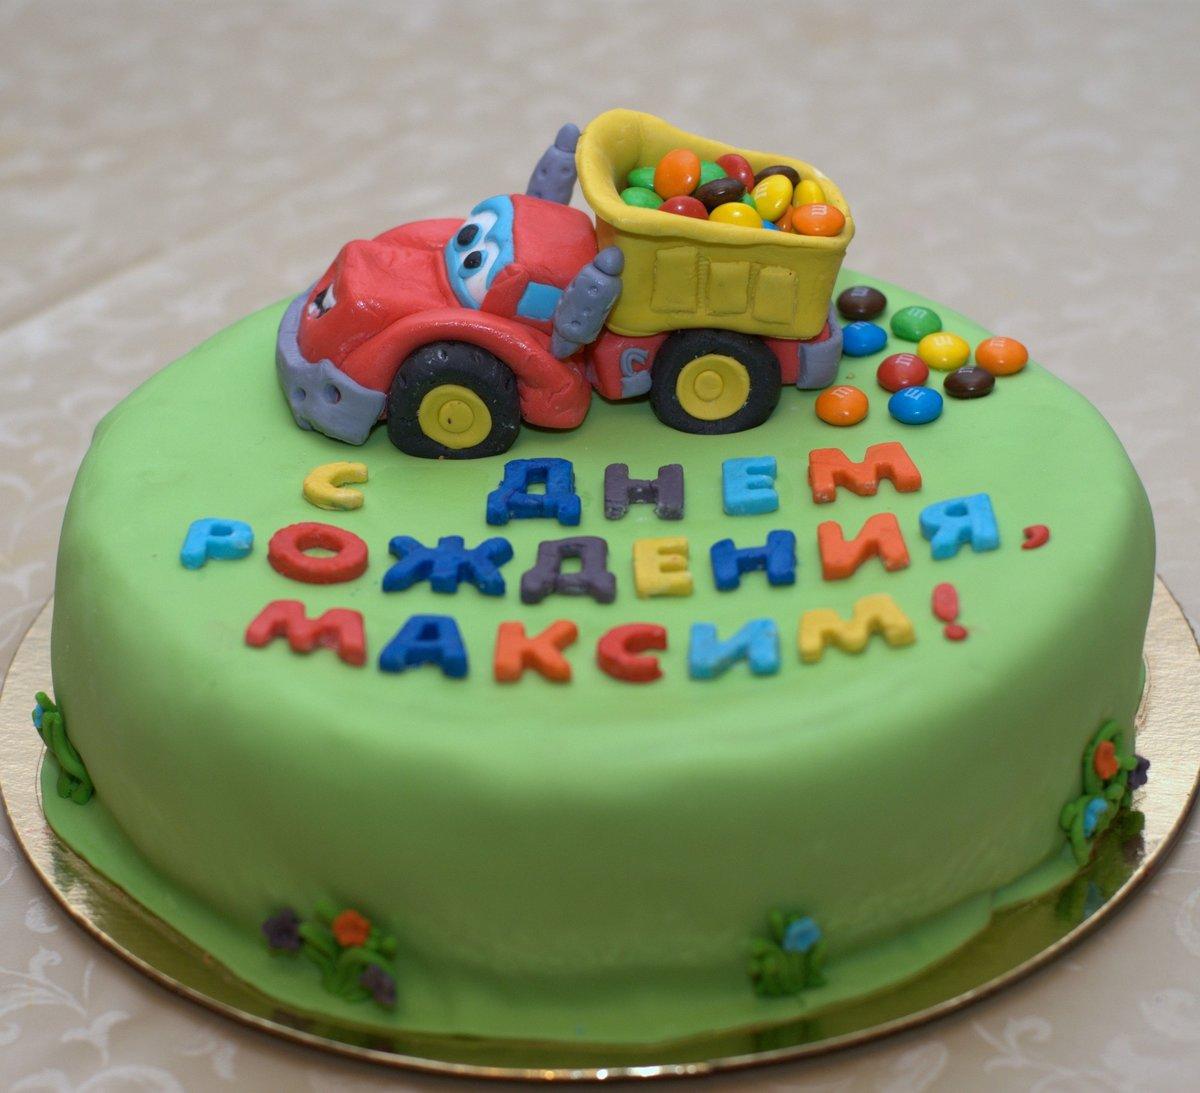 Картинка на торт с днем рождения мальчику, арине месяц лет